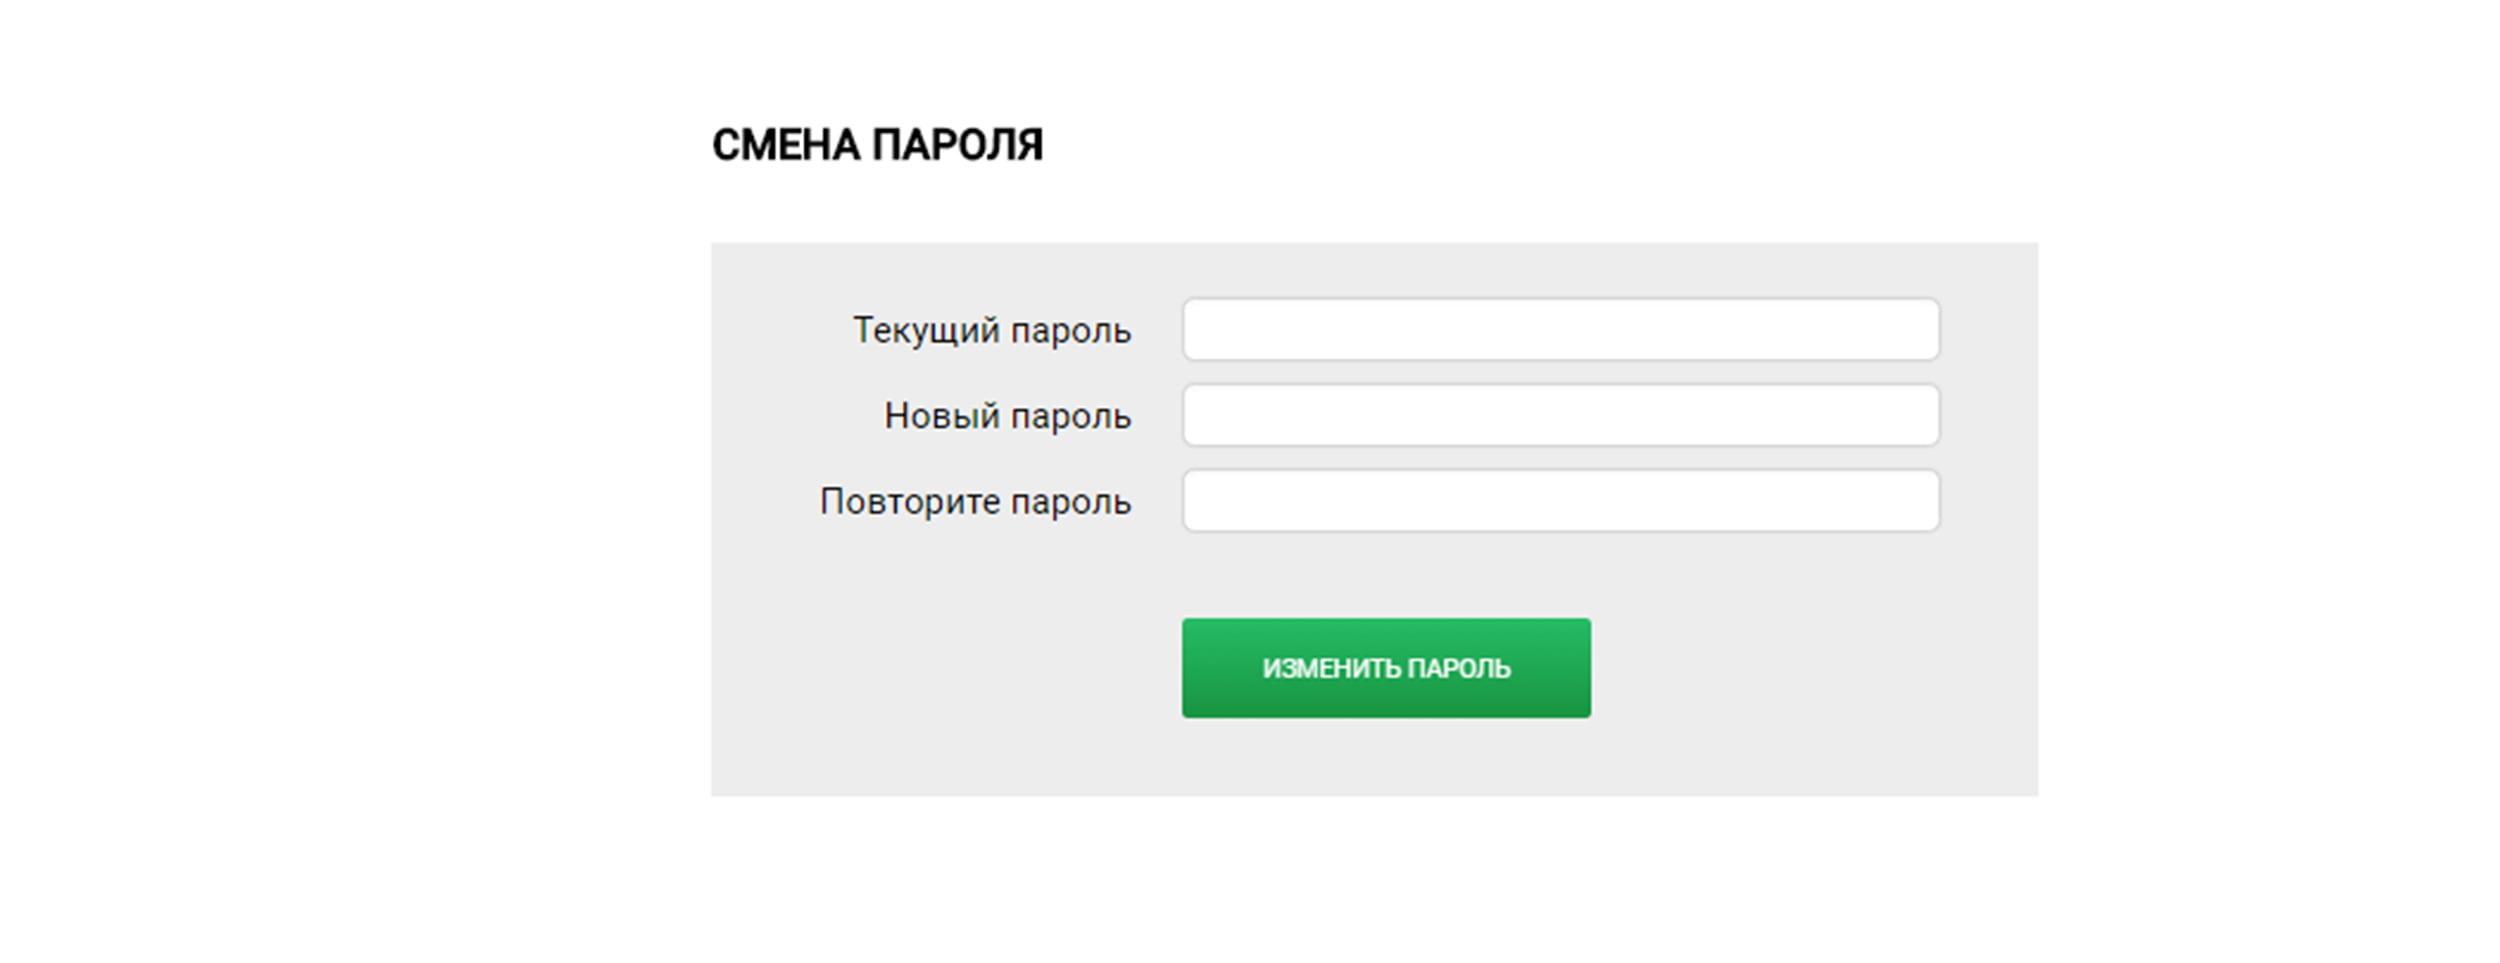 Регистрация у брокера бинарных опционов